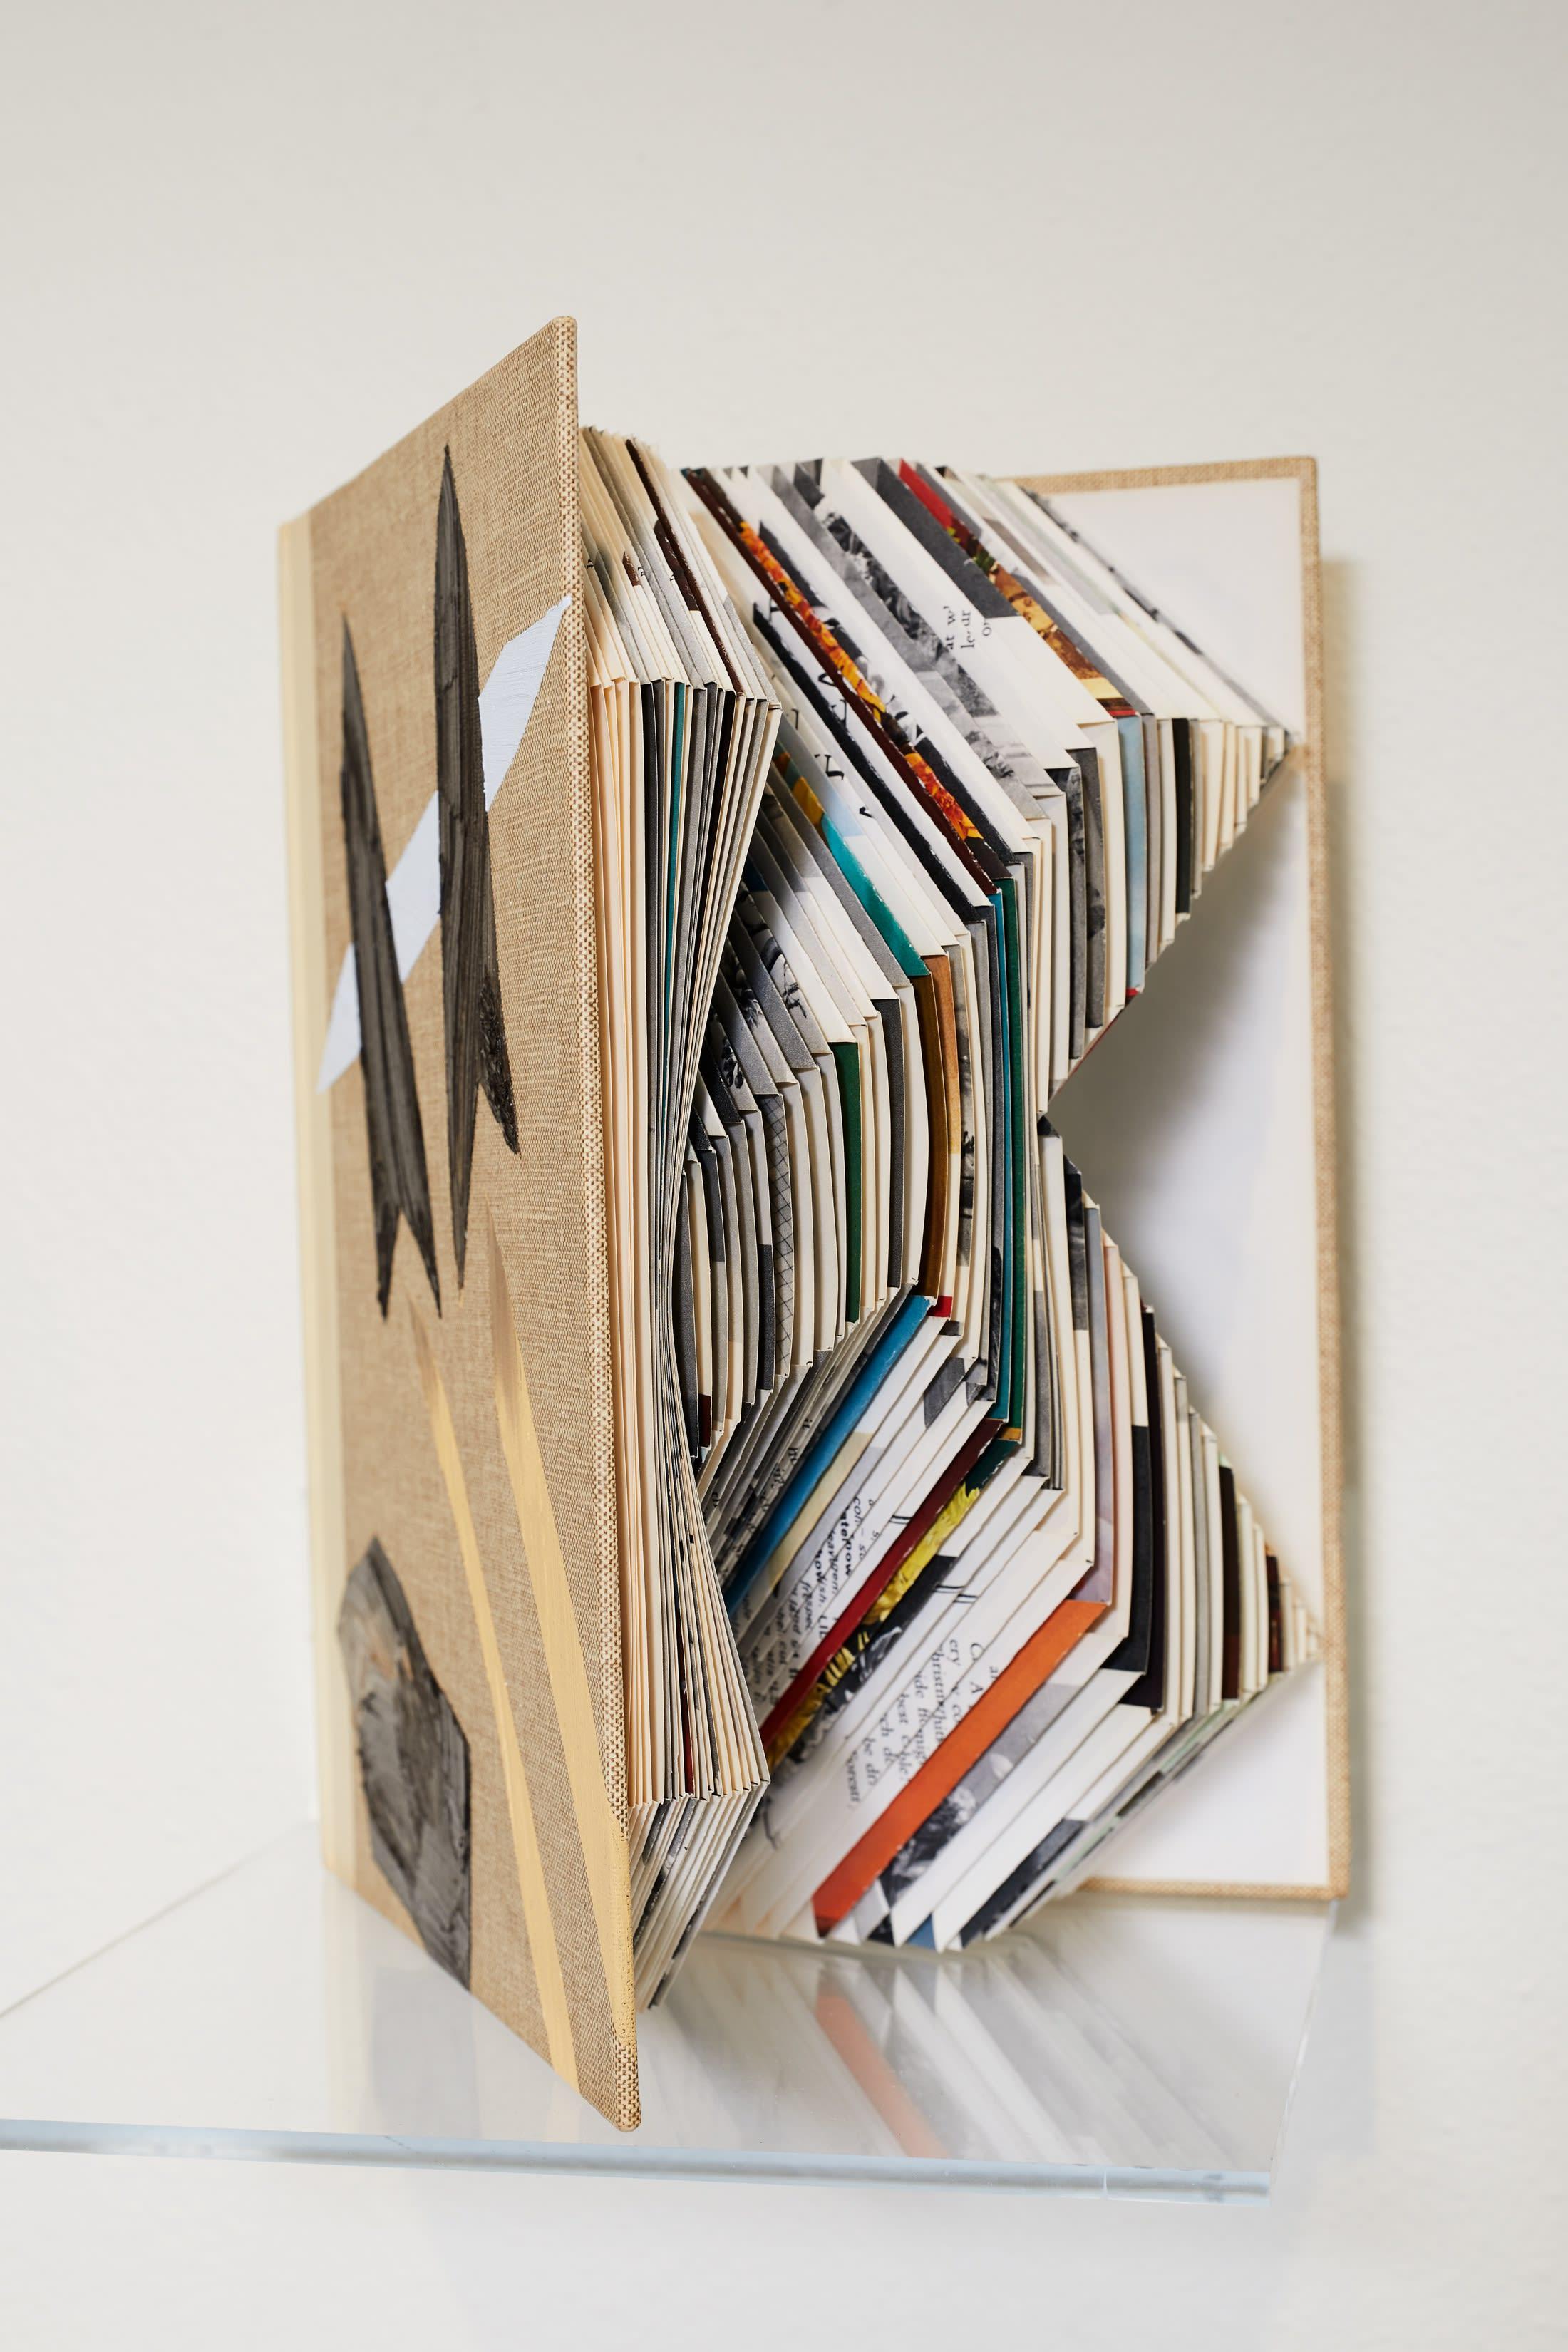 Doreen Wittenbols- Form & Concept